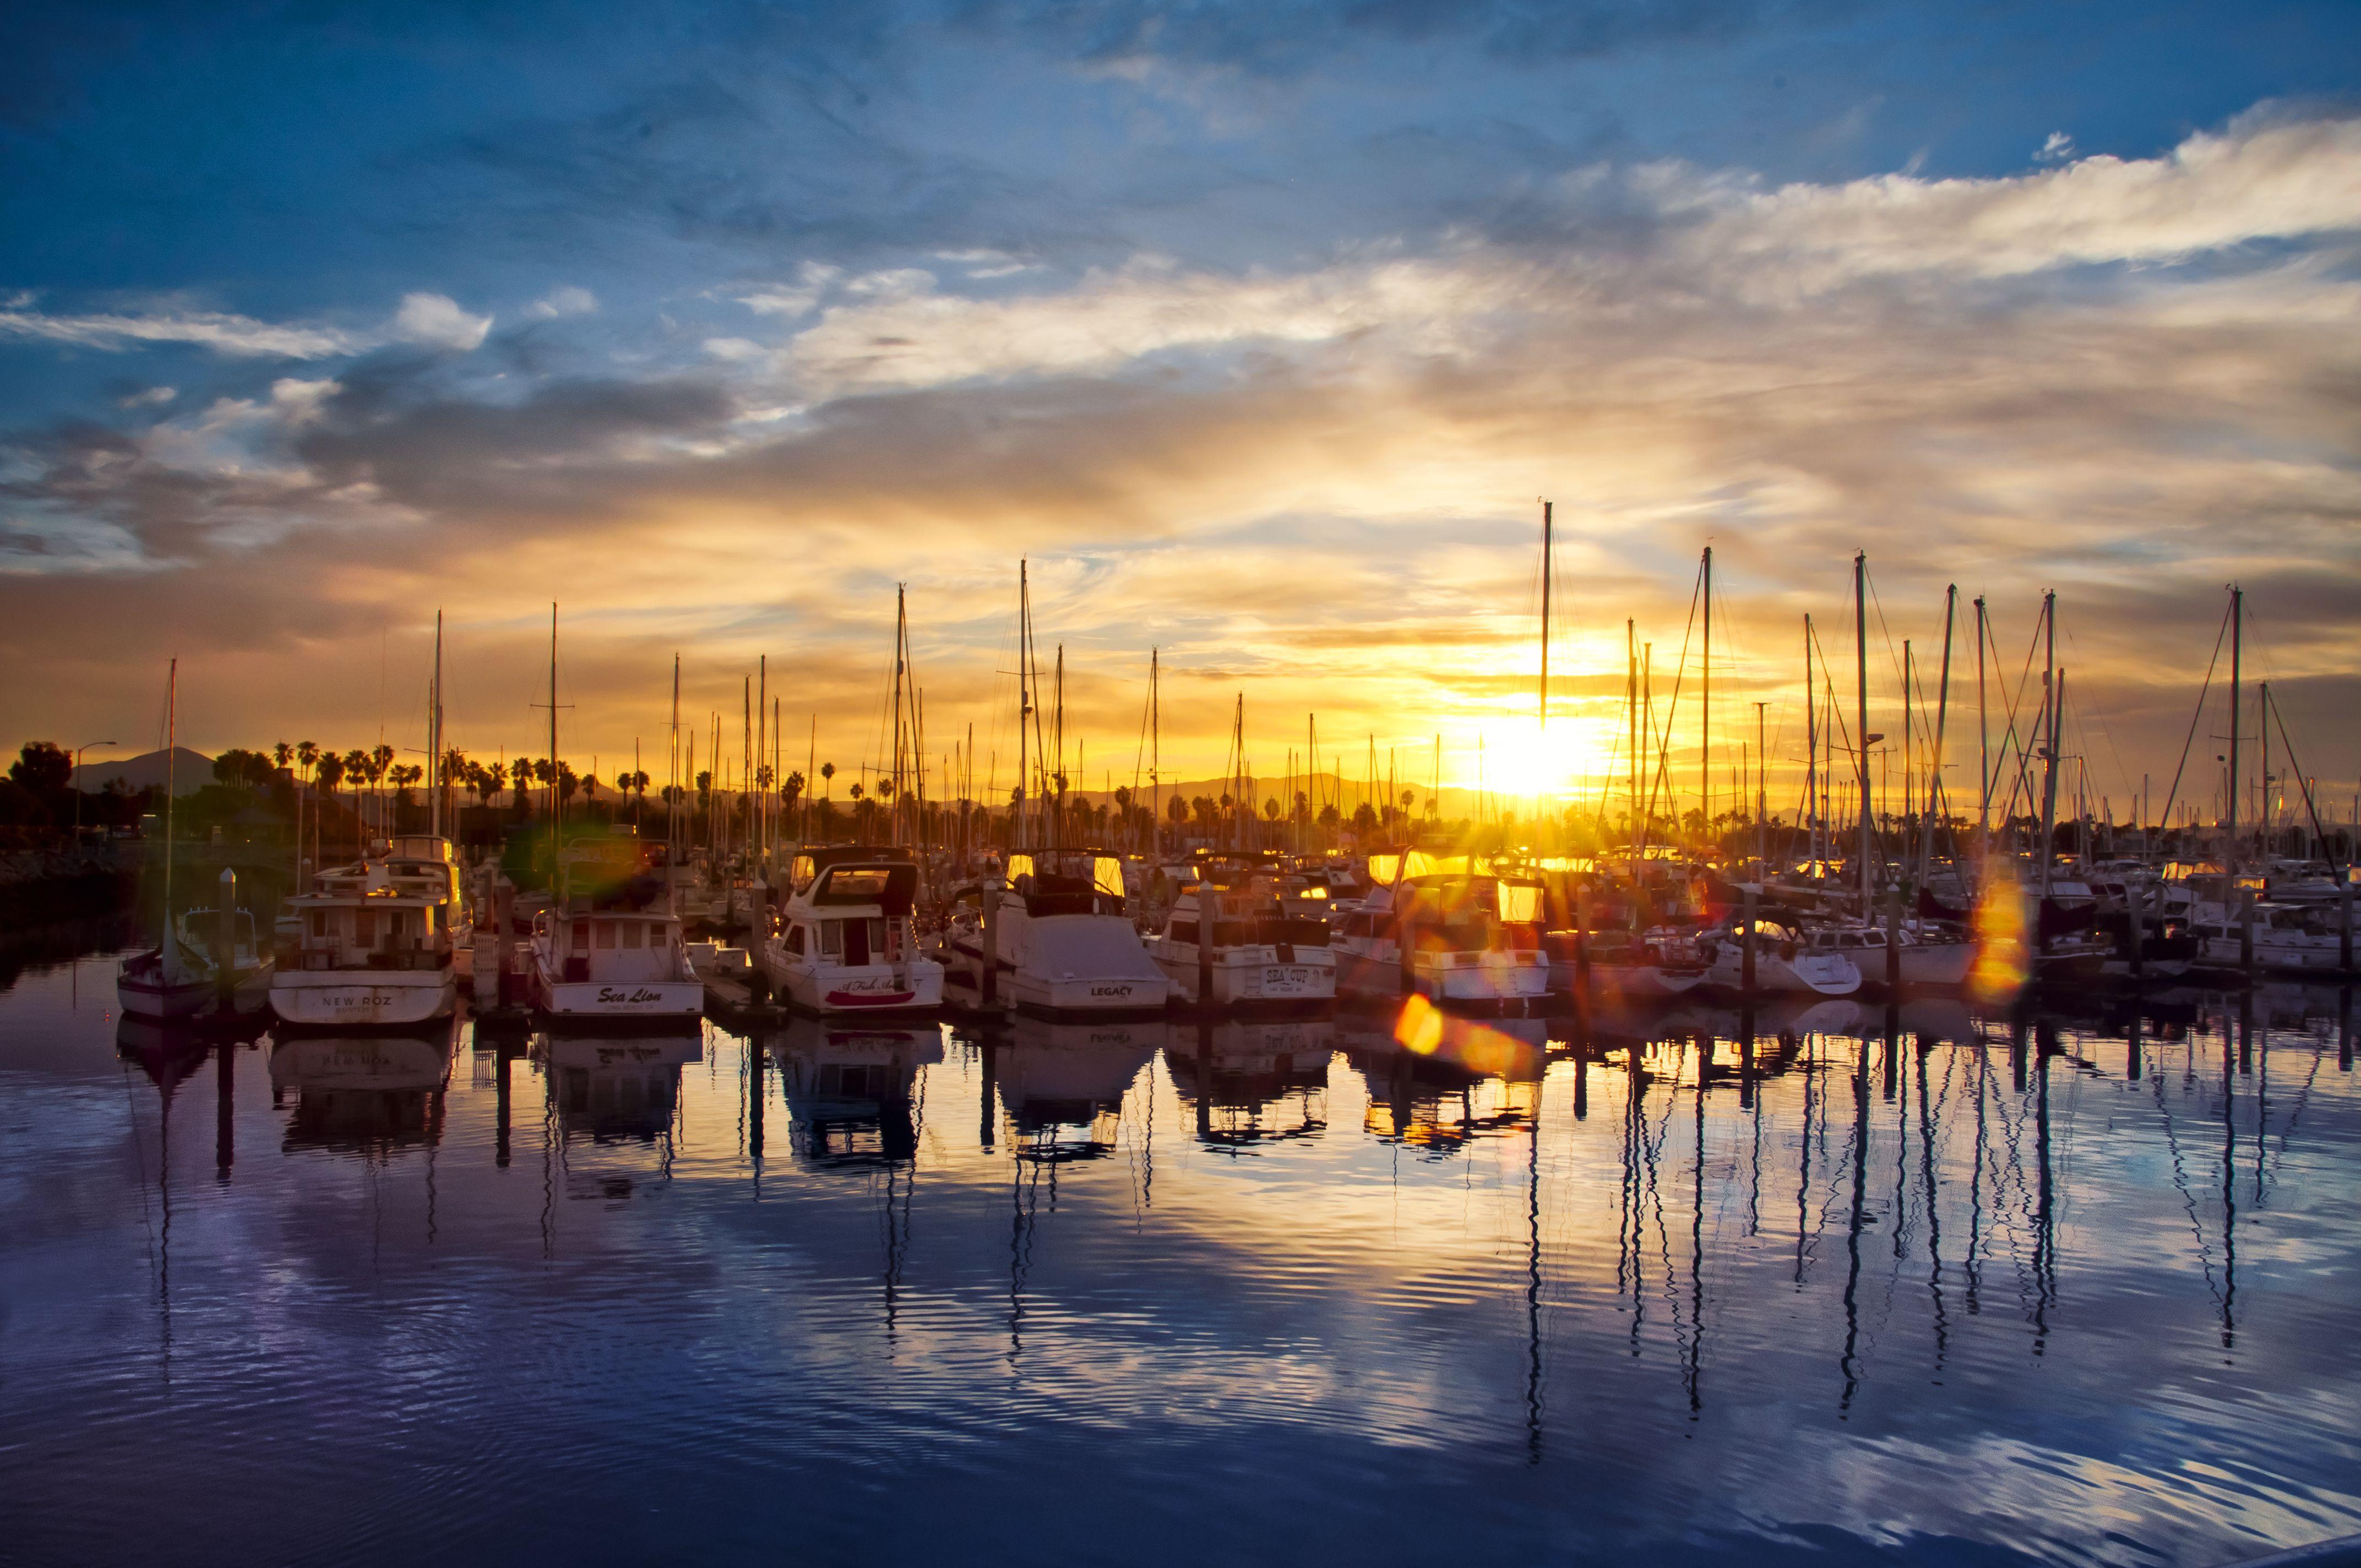 Sailboats & Sunrise; Chula Vista Marina